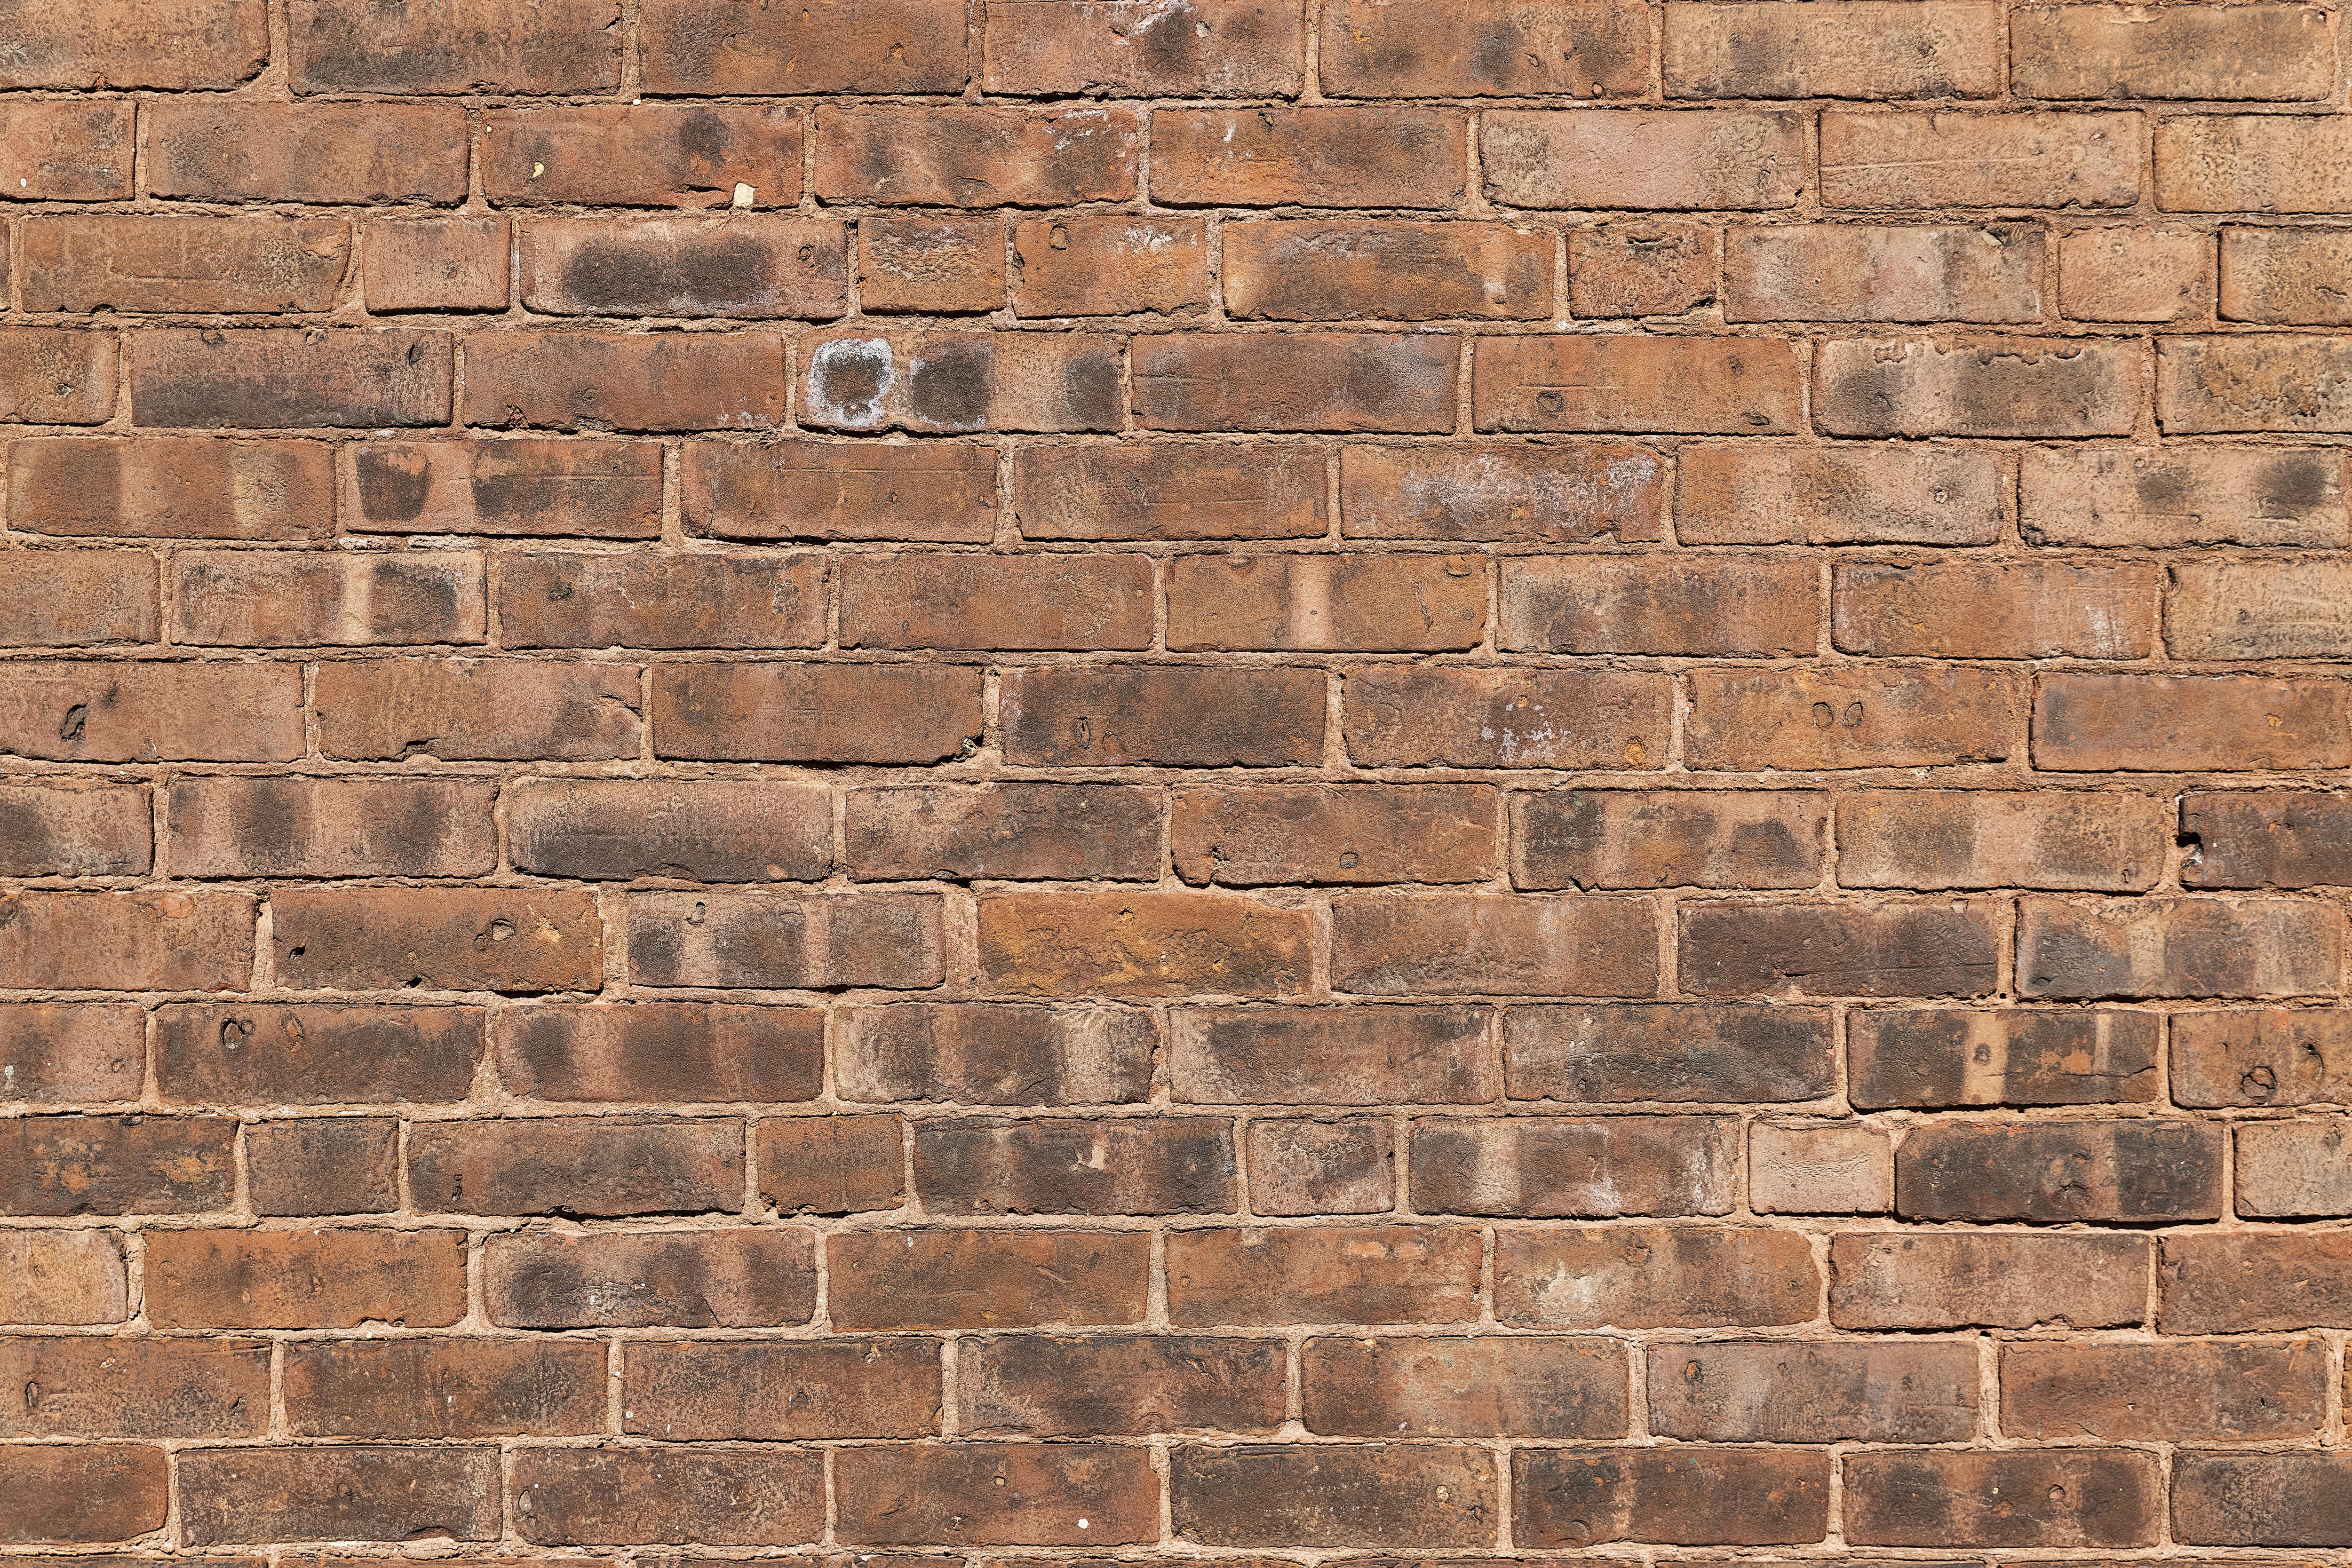 Brick wall detail...